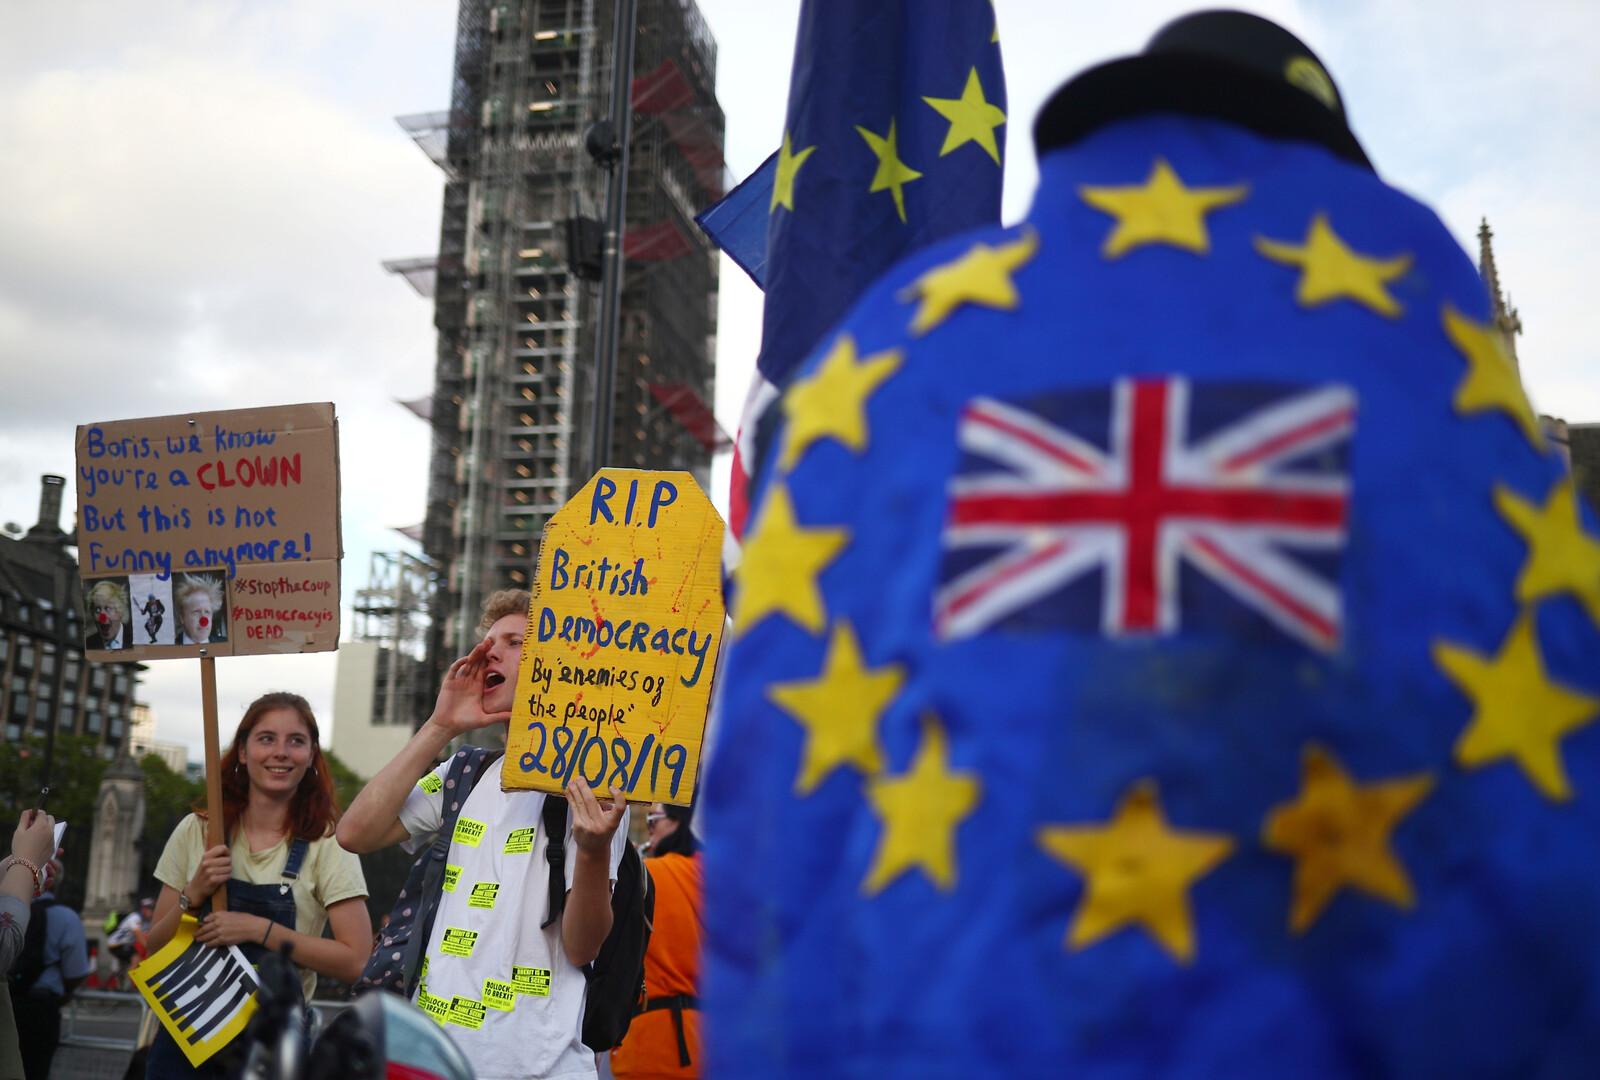 تعليق البرلمان البريطاني يدخل اليوم حيز التنفيذ